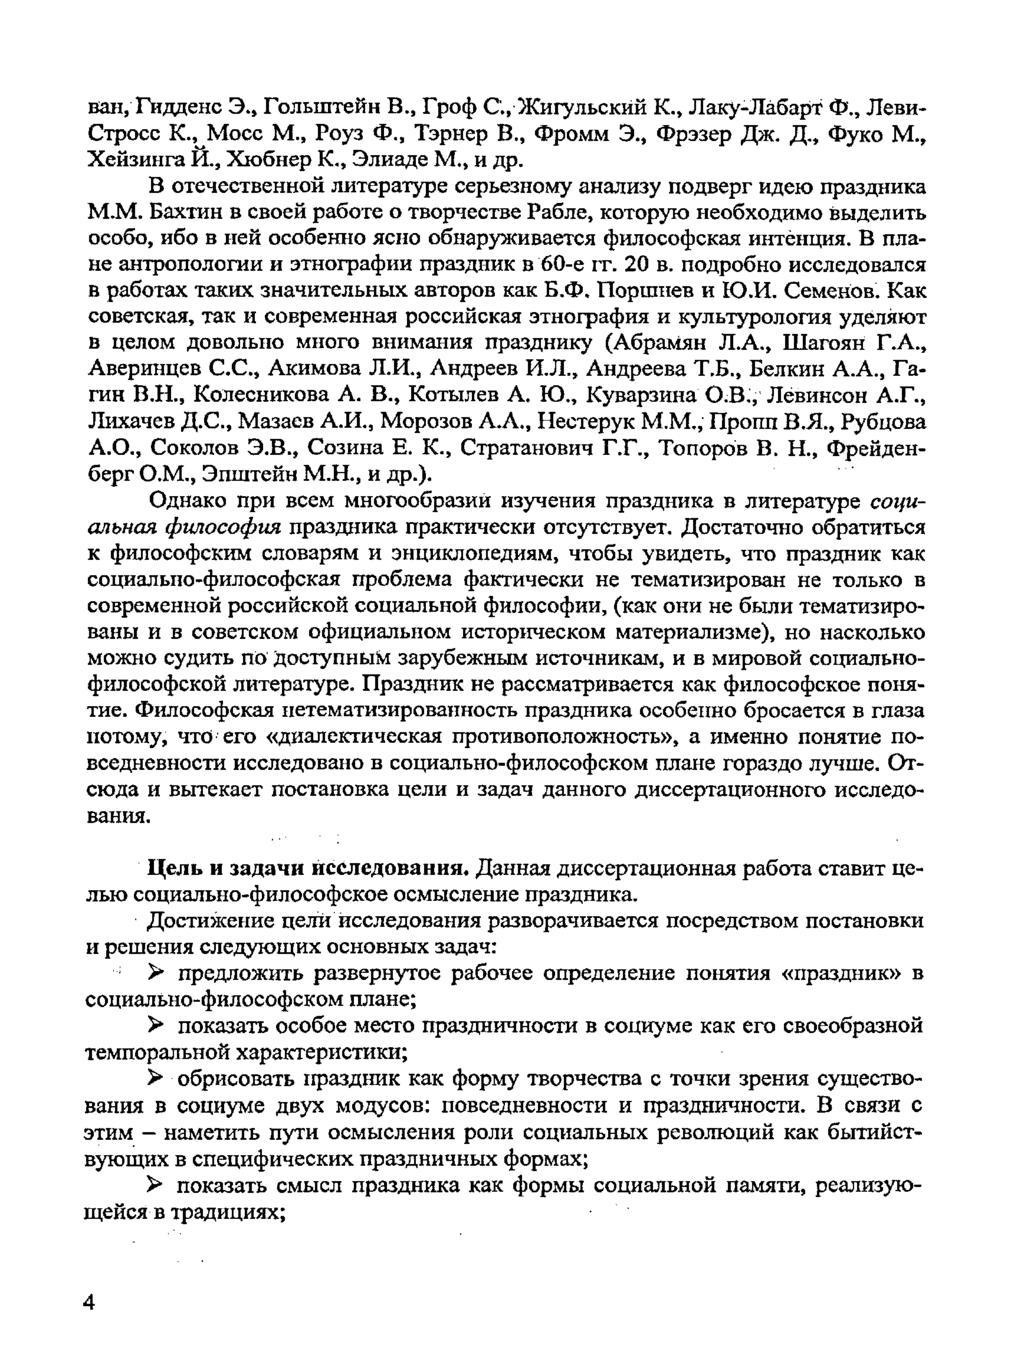 Что такое праздник: определение, понятие :: syl.ru